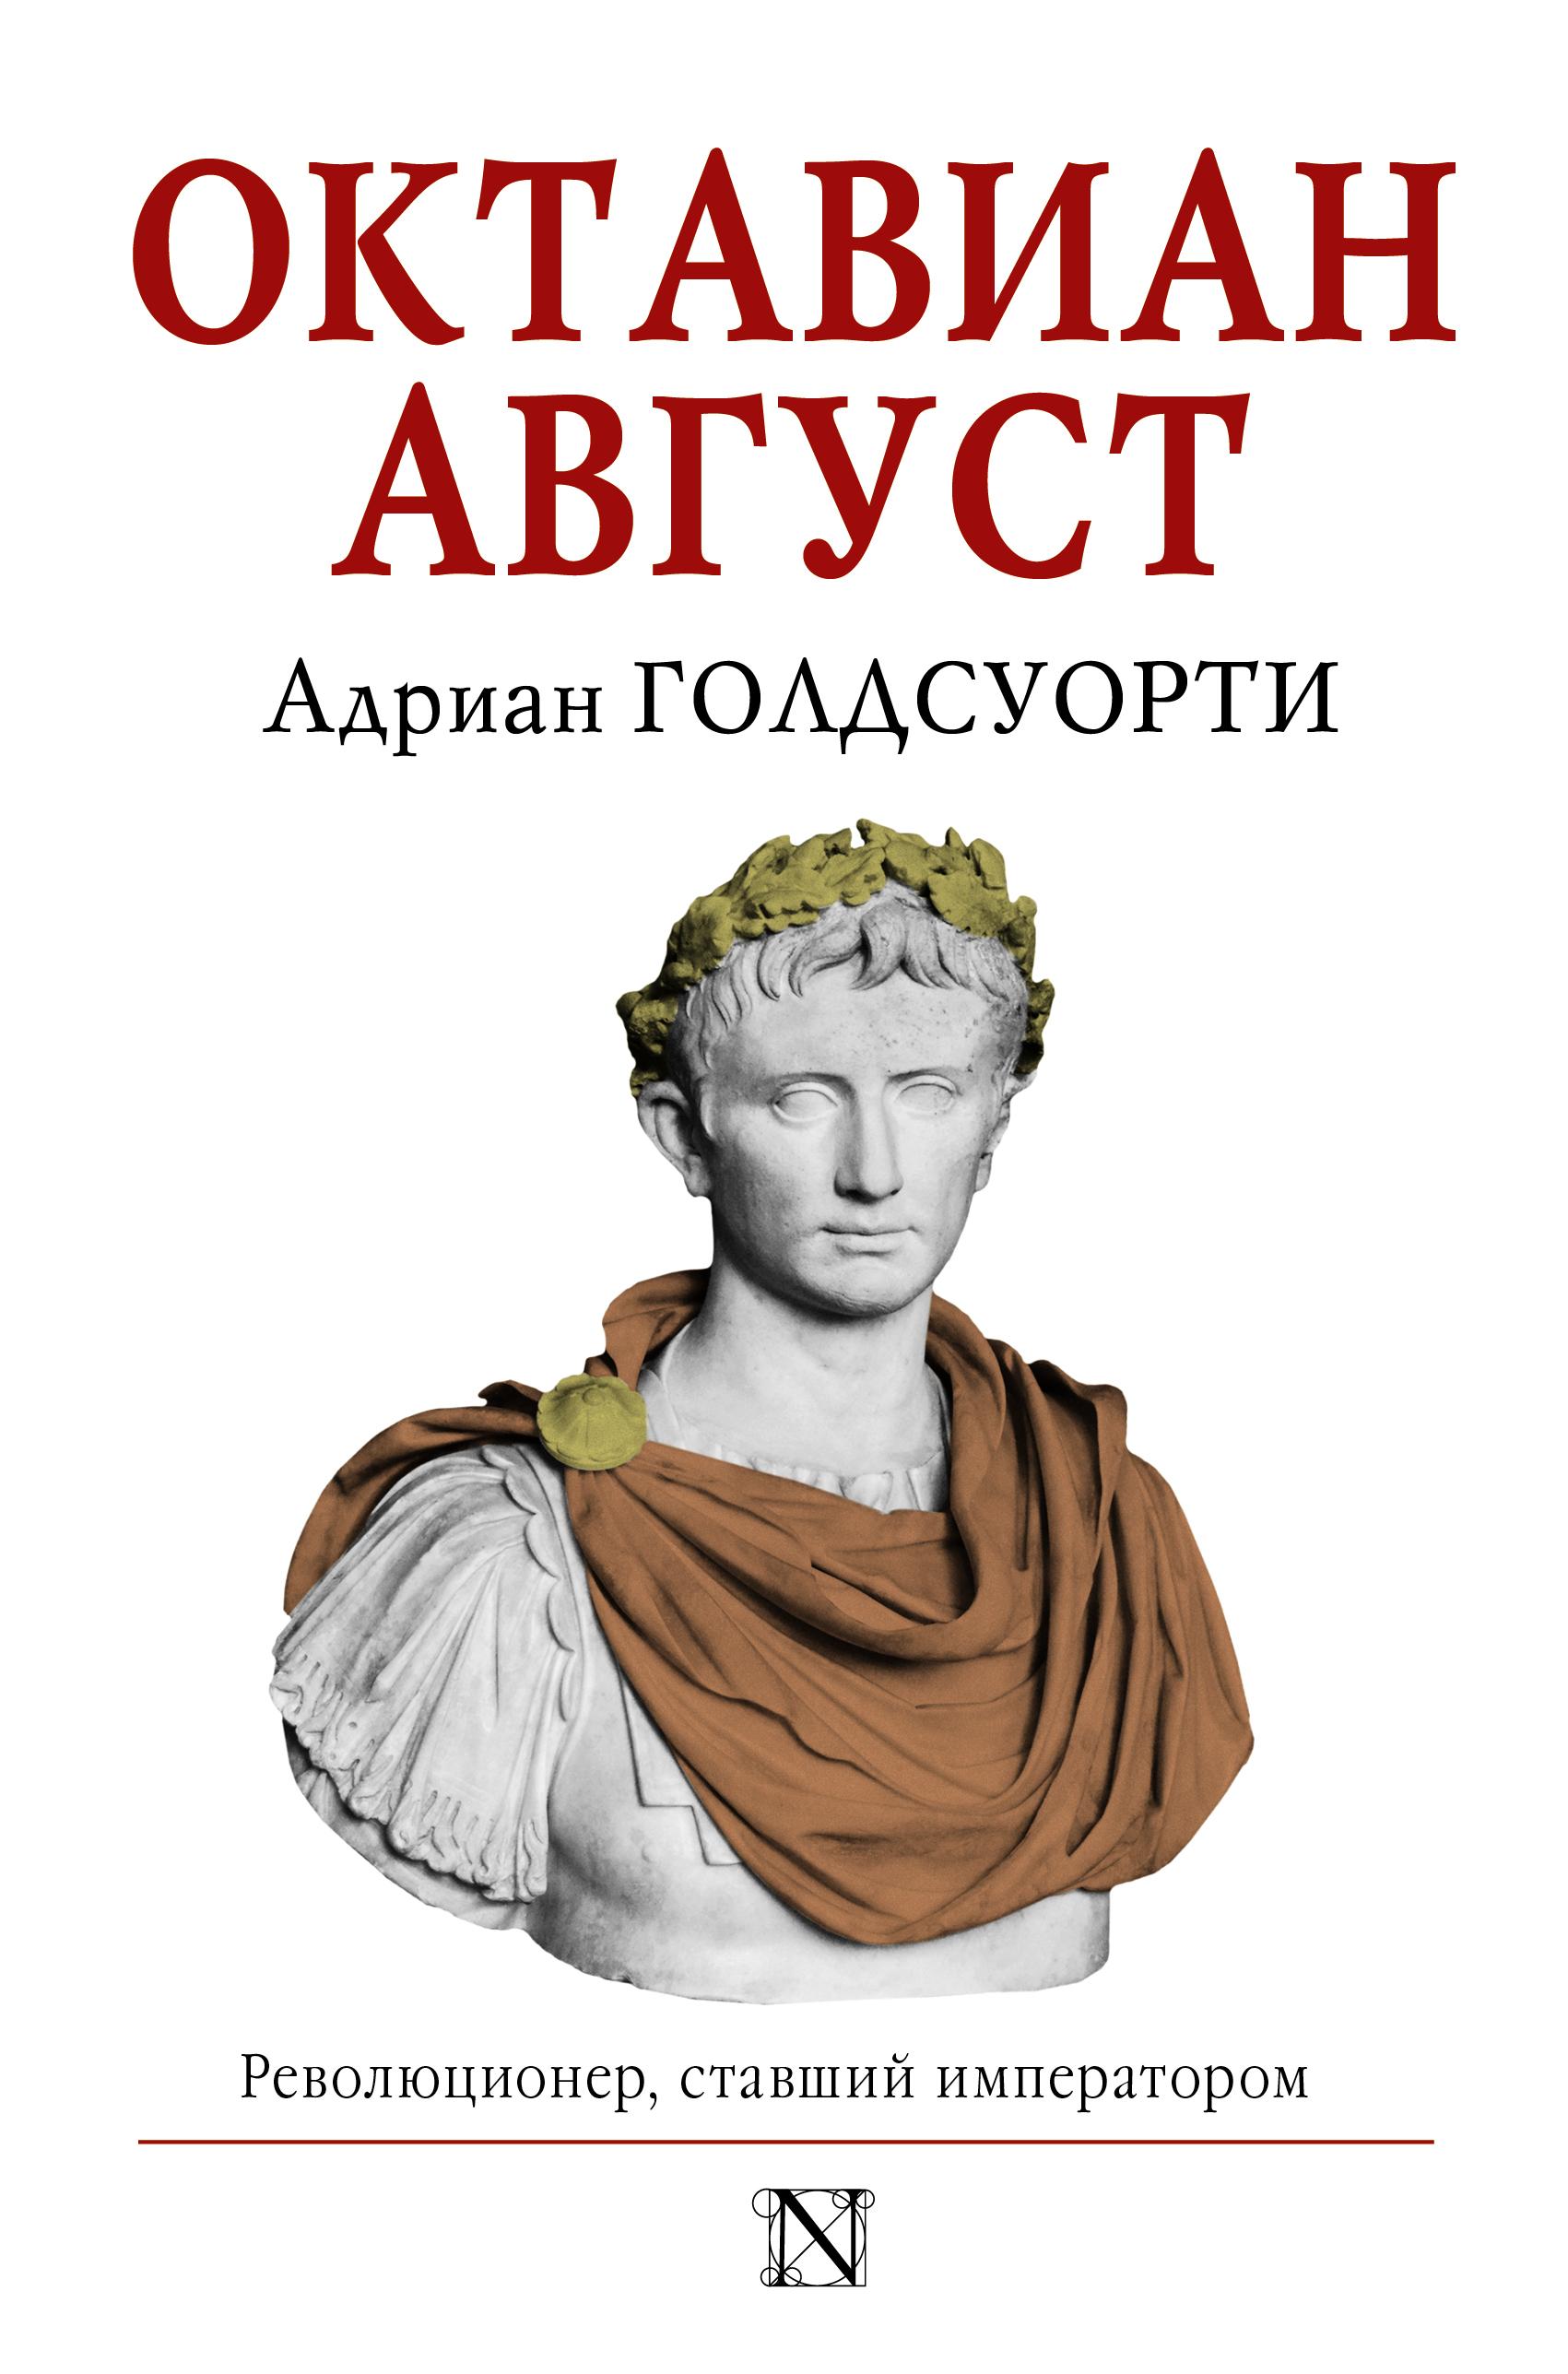 Адриан Голдсуорти Октавиан Август август октавиан